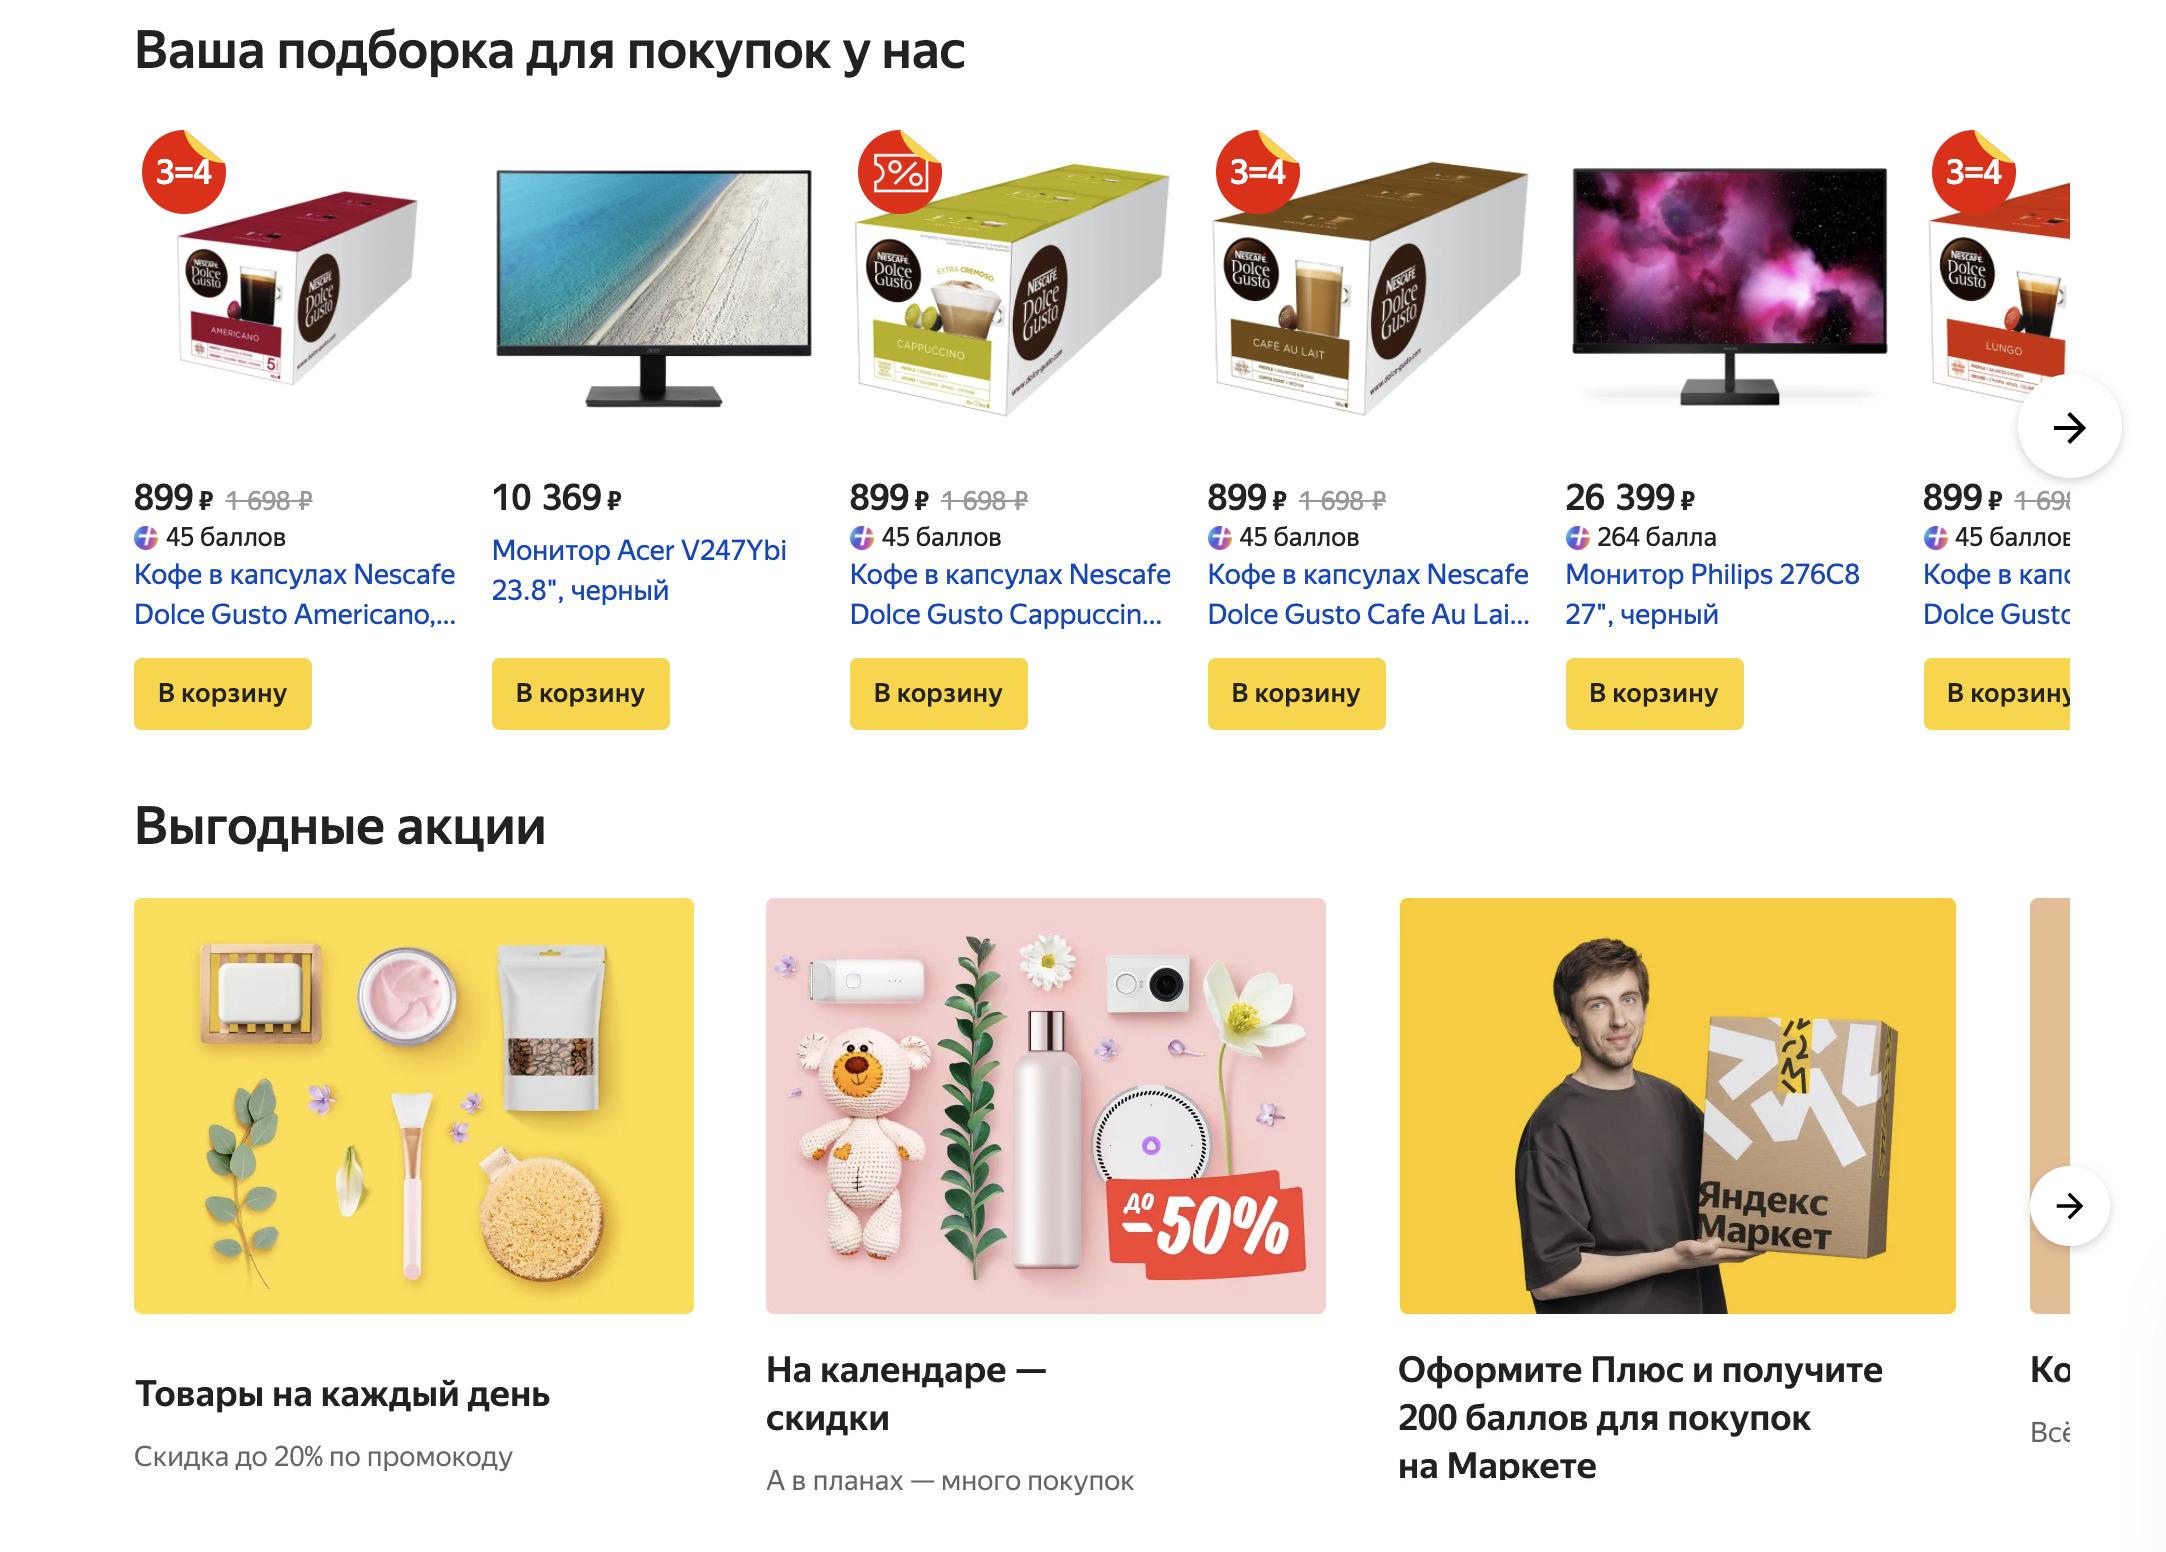 Доставка из Яндекс.Маркет в Калининград, сроки, пункты выдачи, каталог